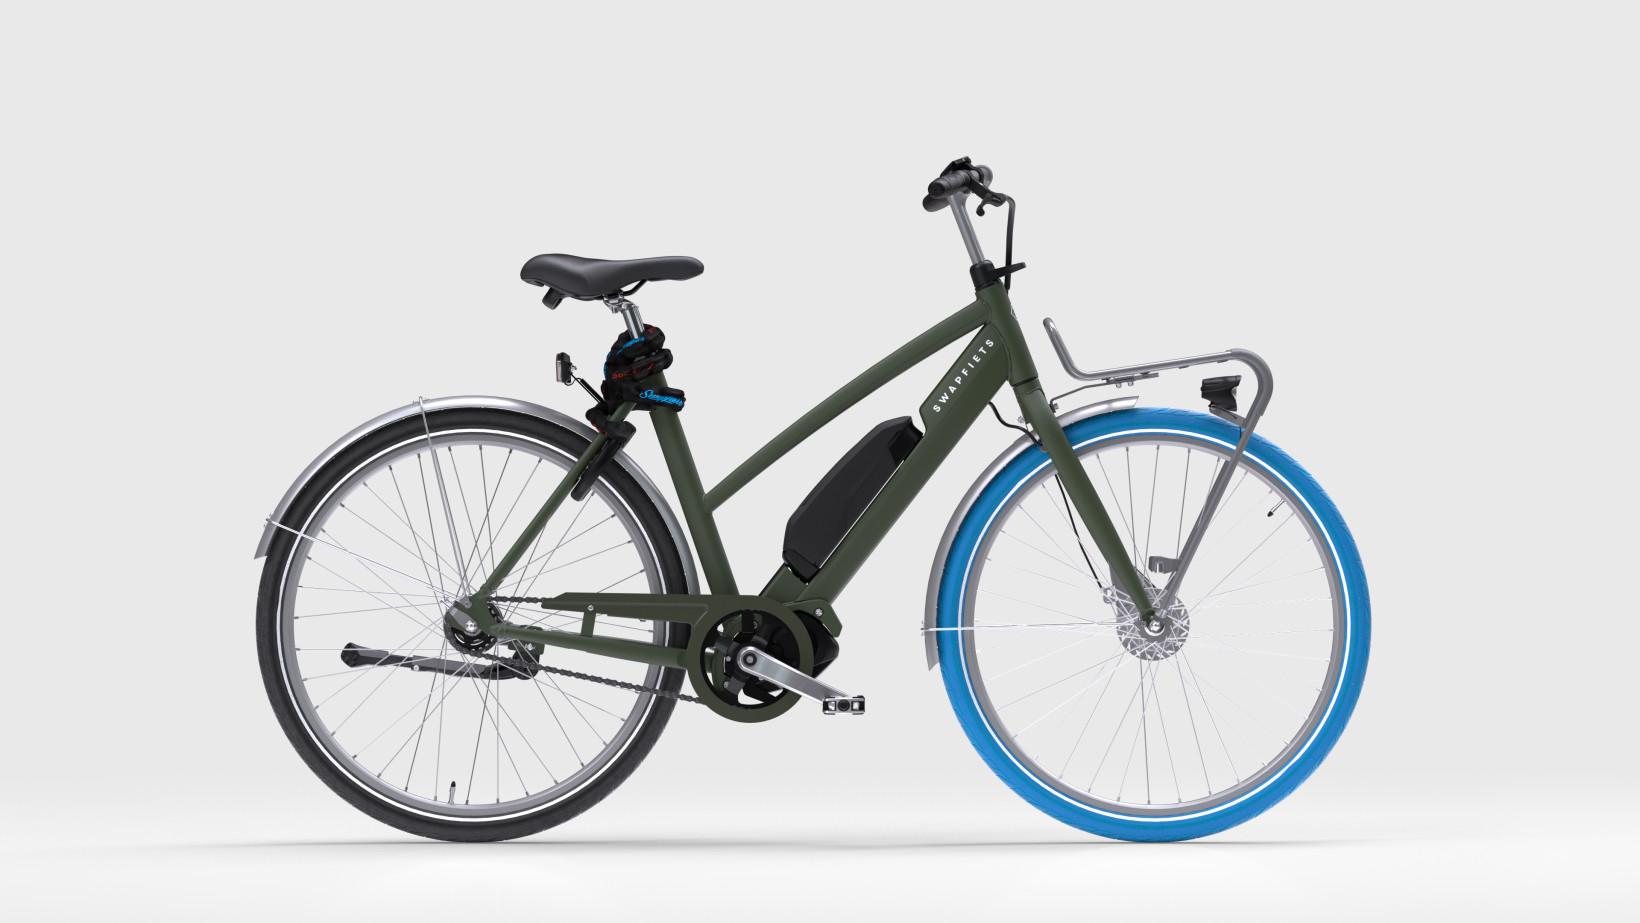 Swap Fiets Power 1 bike